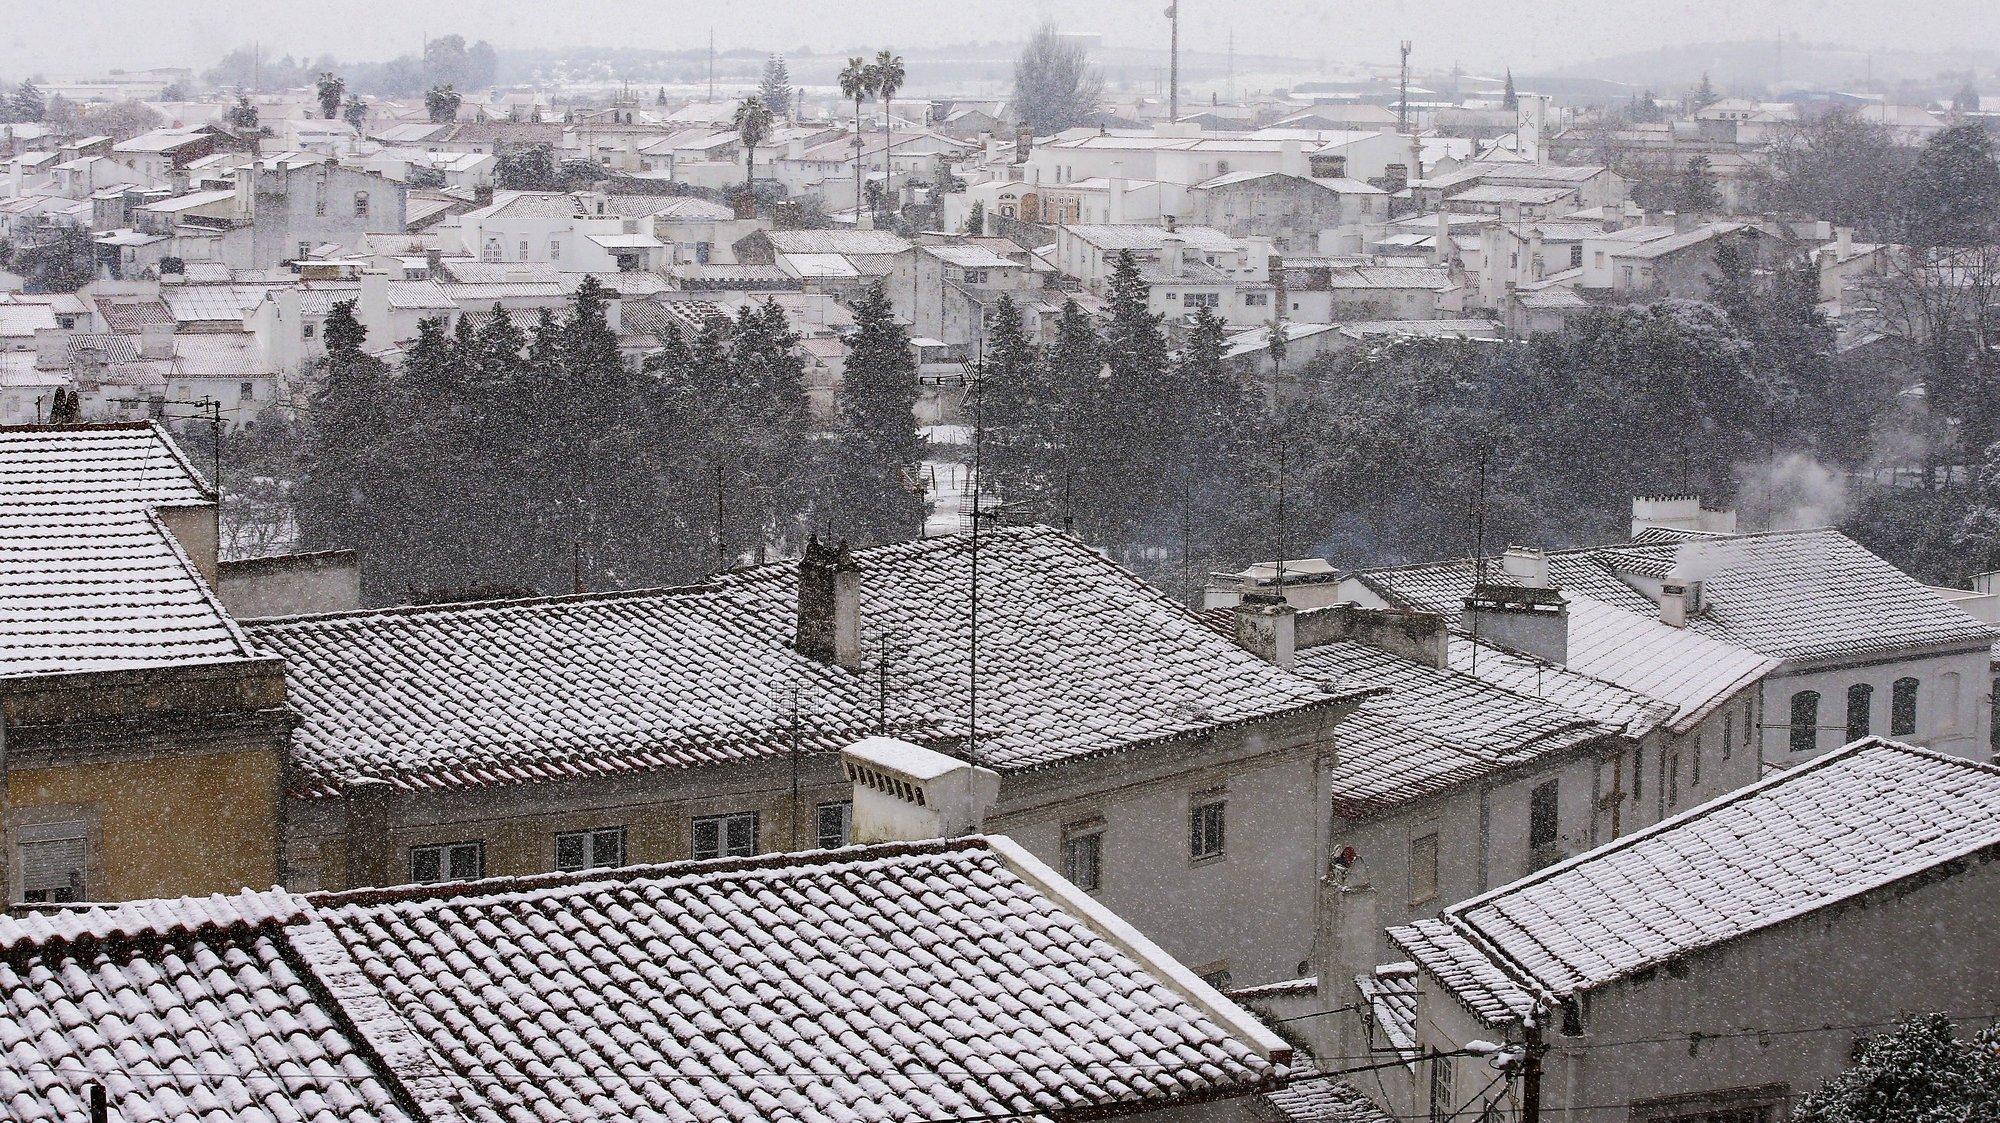 Forte nevão em Estremoz, fenómeno meteorológico raro no alentejo. Não nevava no distrito de Évora há 12 anos. Estremoz, 09 de janeiro de 2021. O Instituto Português do Mar e da Atmosfera (IPMA) mantêm o continente e a Madeira em alerta amarelo devido ao frio previsto para o fim-de-semana, e prevê que a temperatura média da próxima semana esteja abaixo dos valores normais para a época.  NUNO VEIGA/LUSA